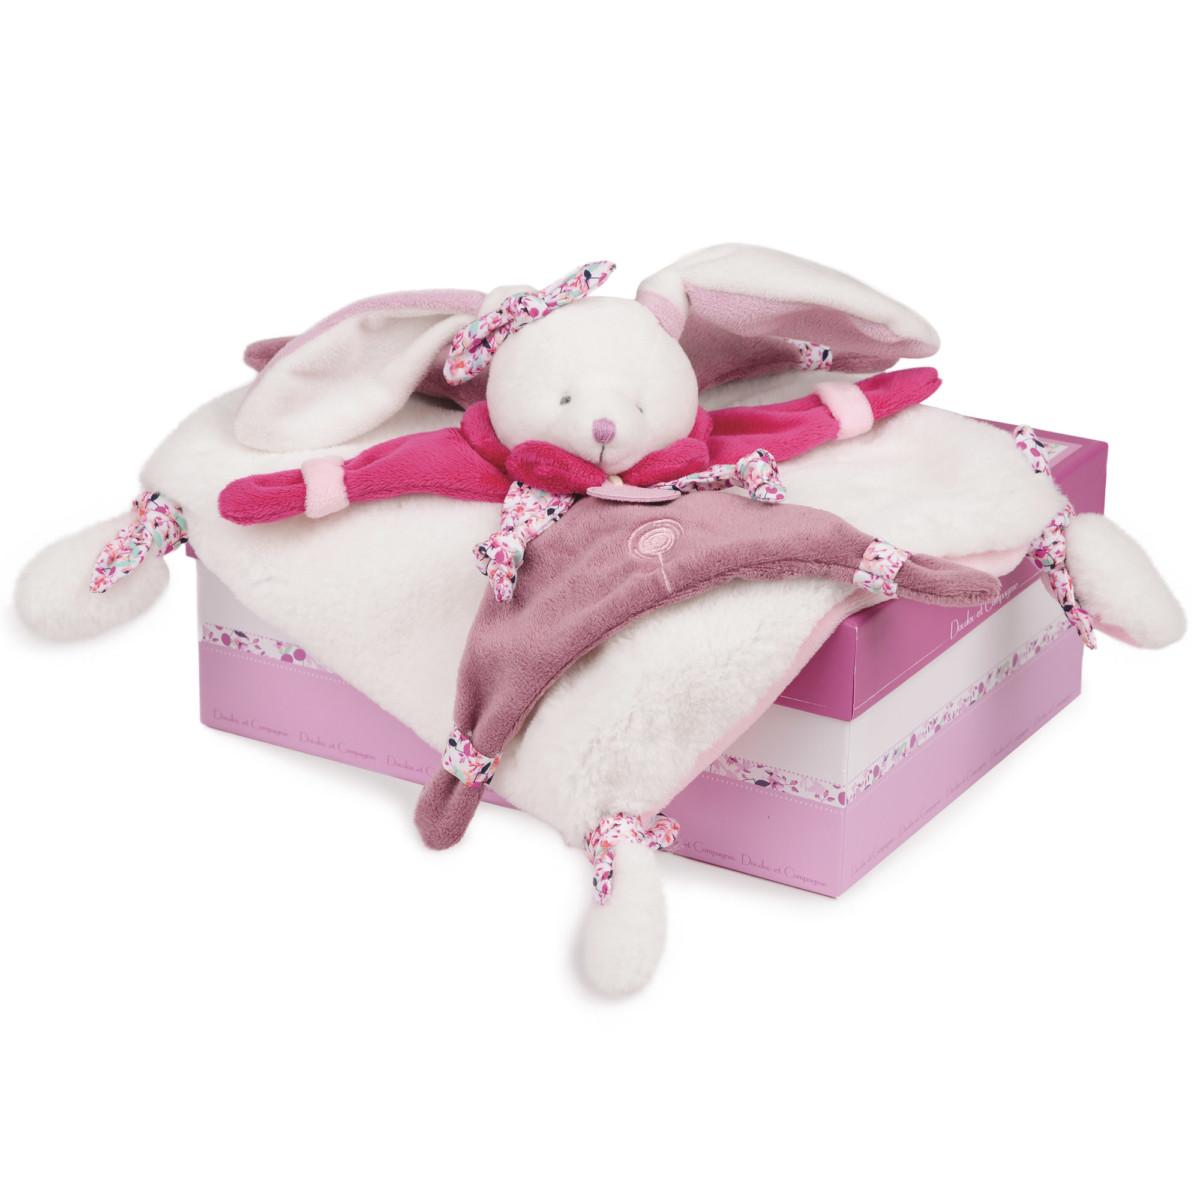 Cerise le lapin doudou Violet de Doudou et compagnie, Doudous : Aubert